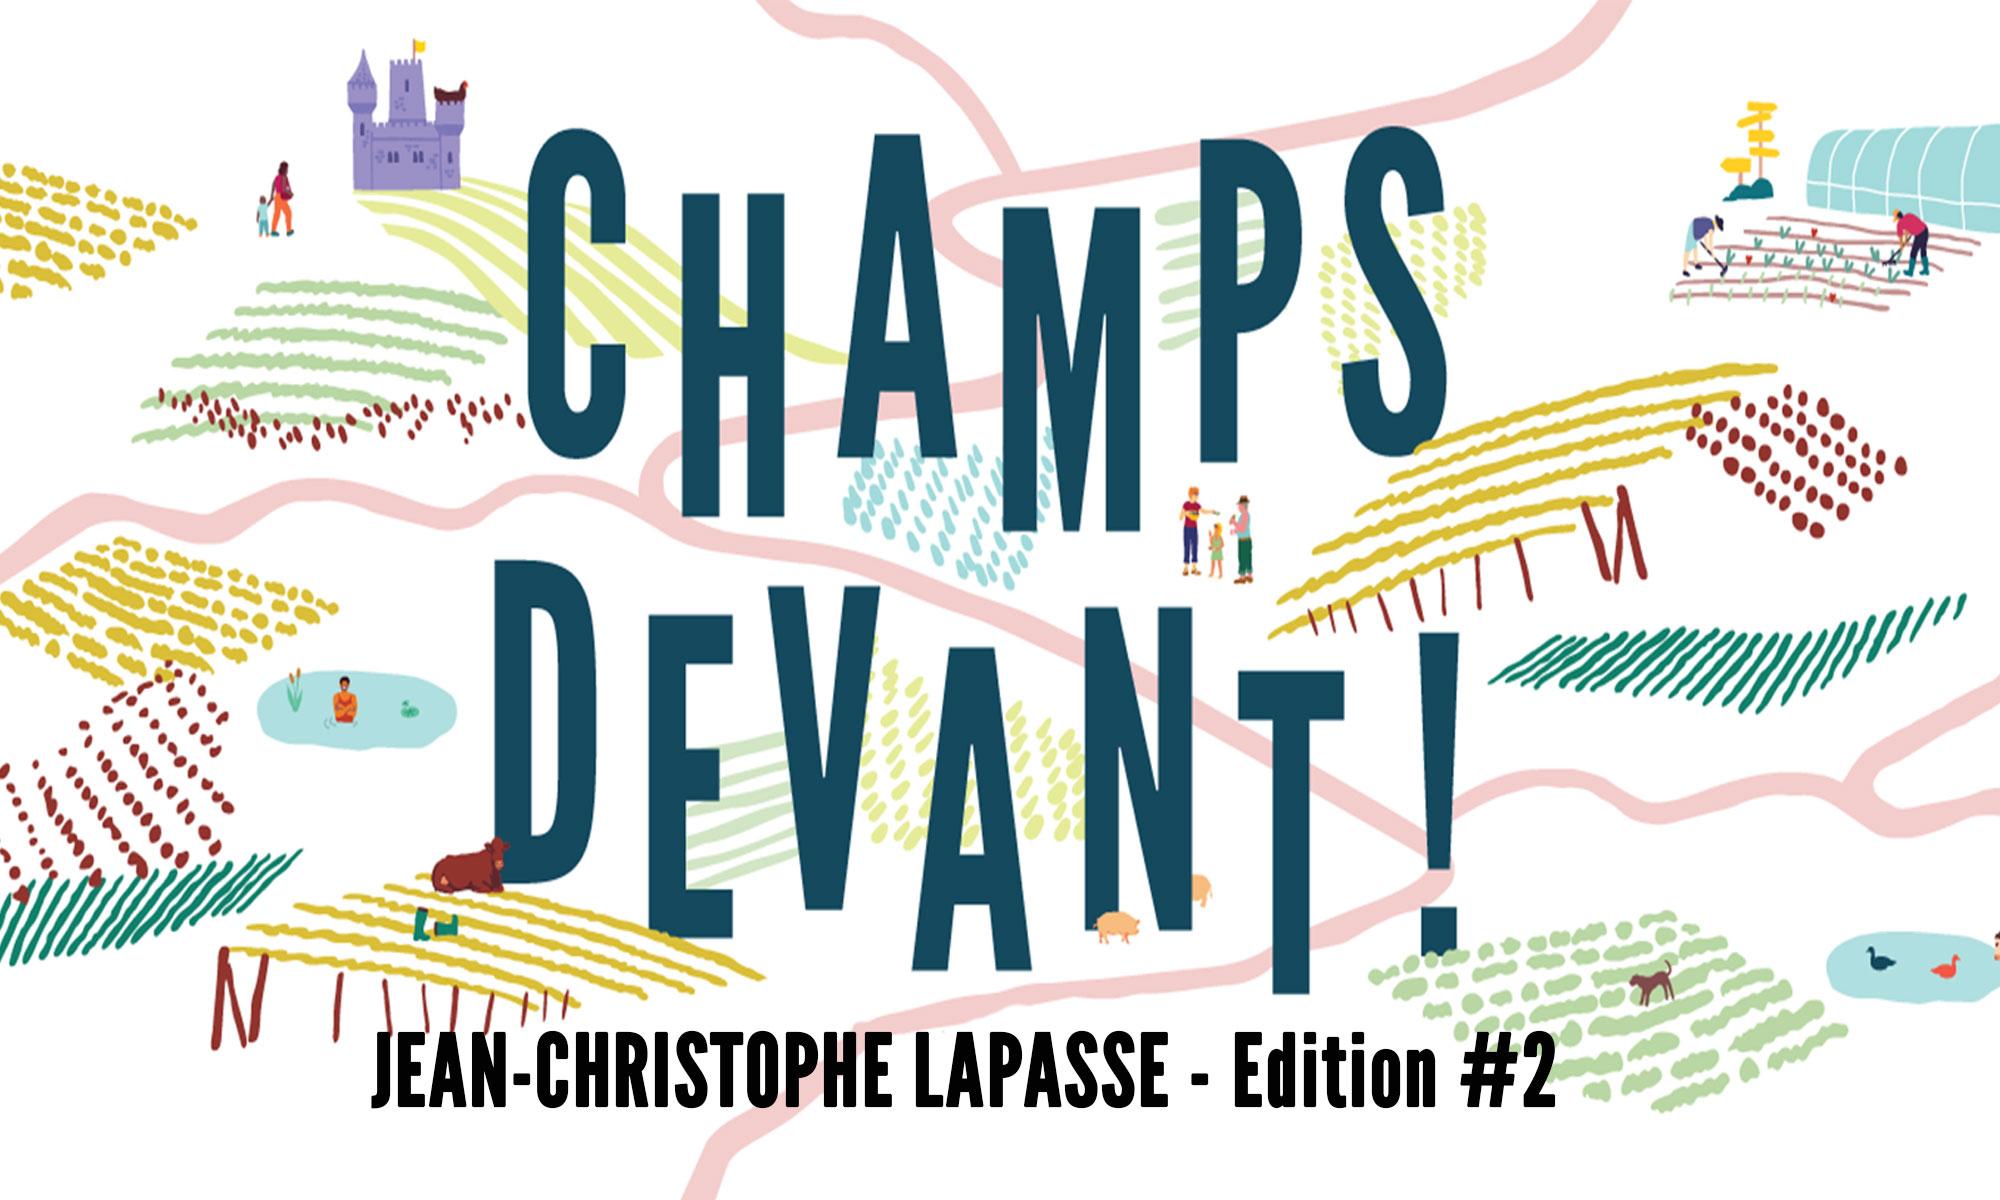 Organisation d'une ballade champêtre pour découvrir Jean-Christophe Lapasse.